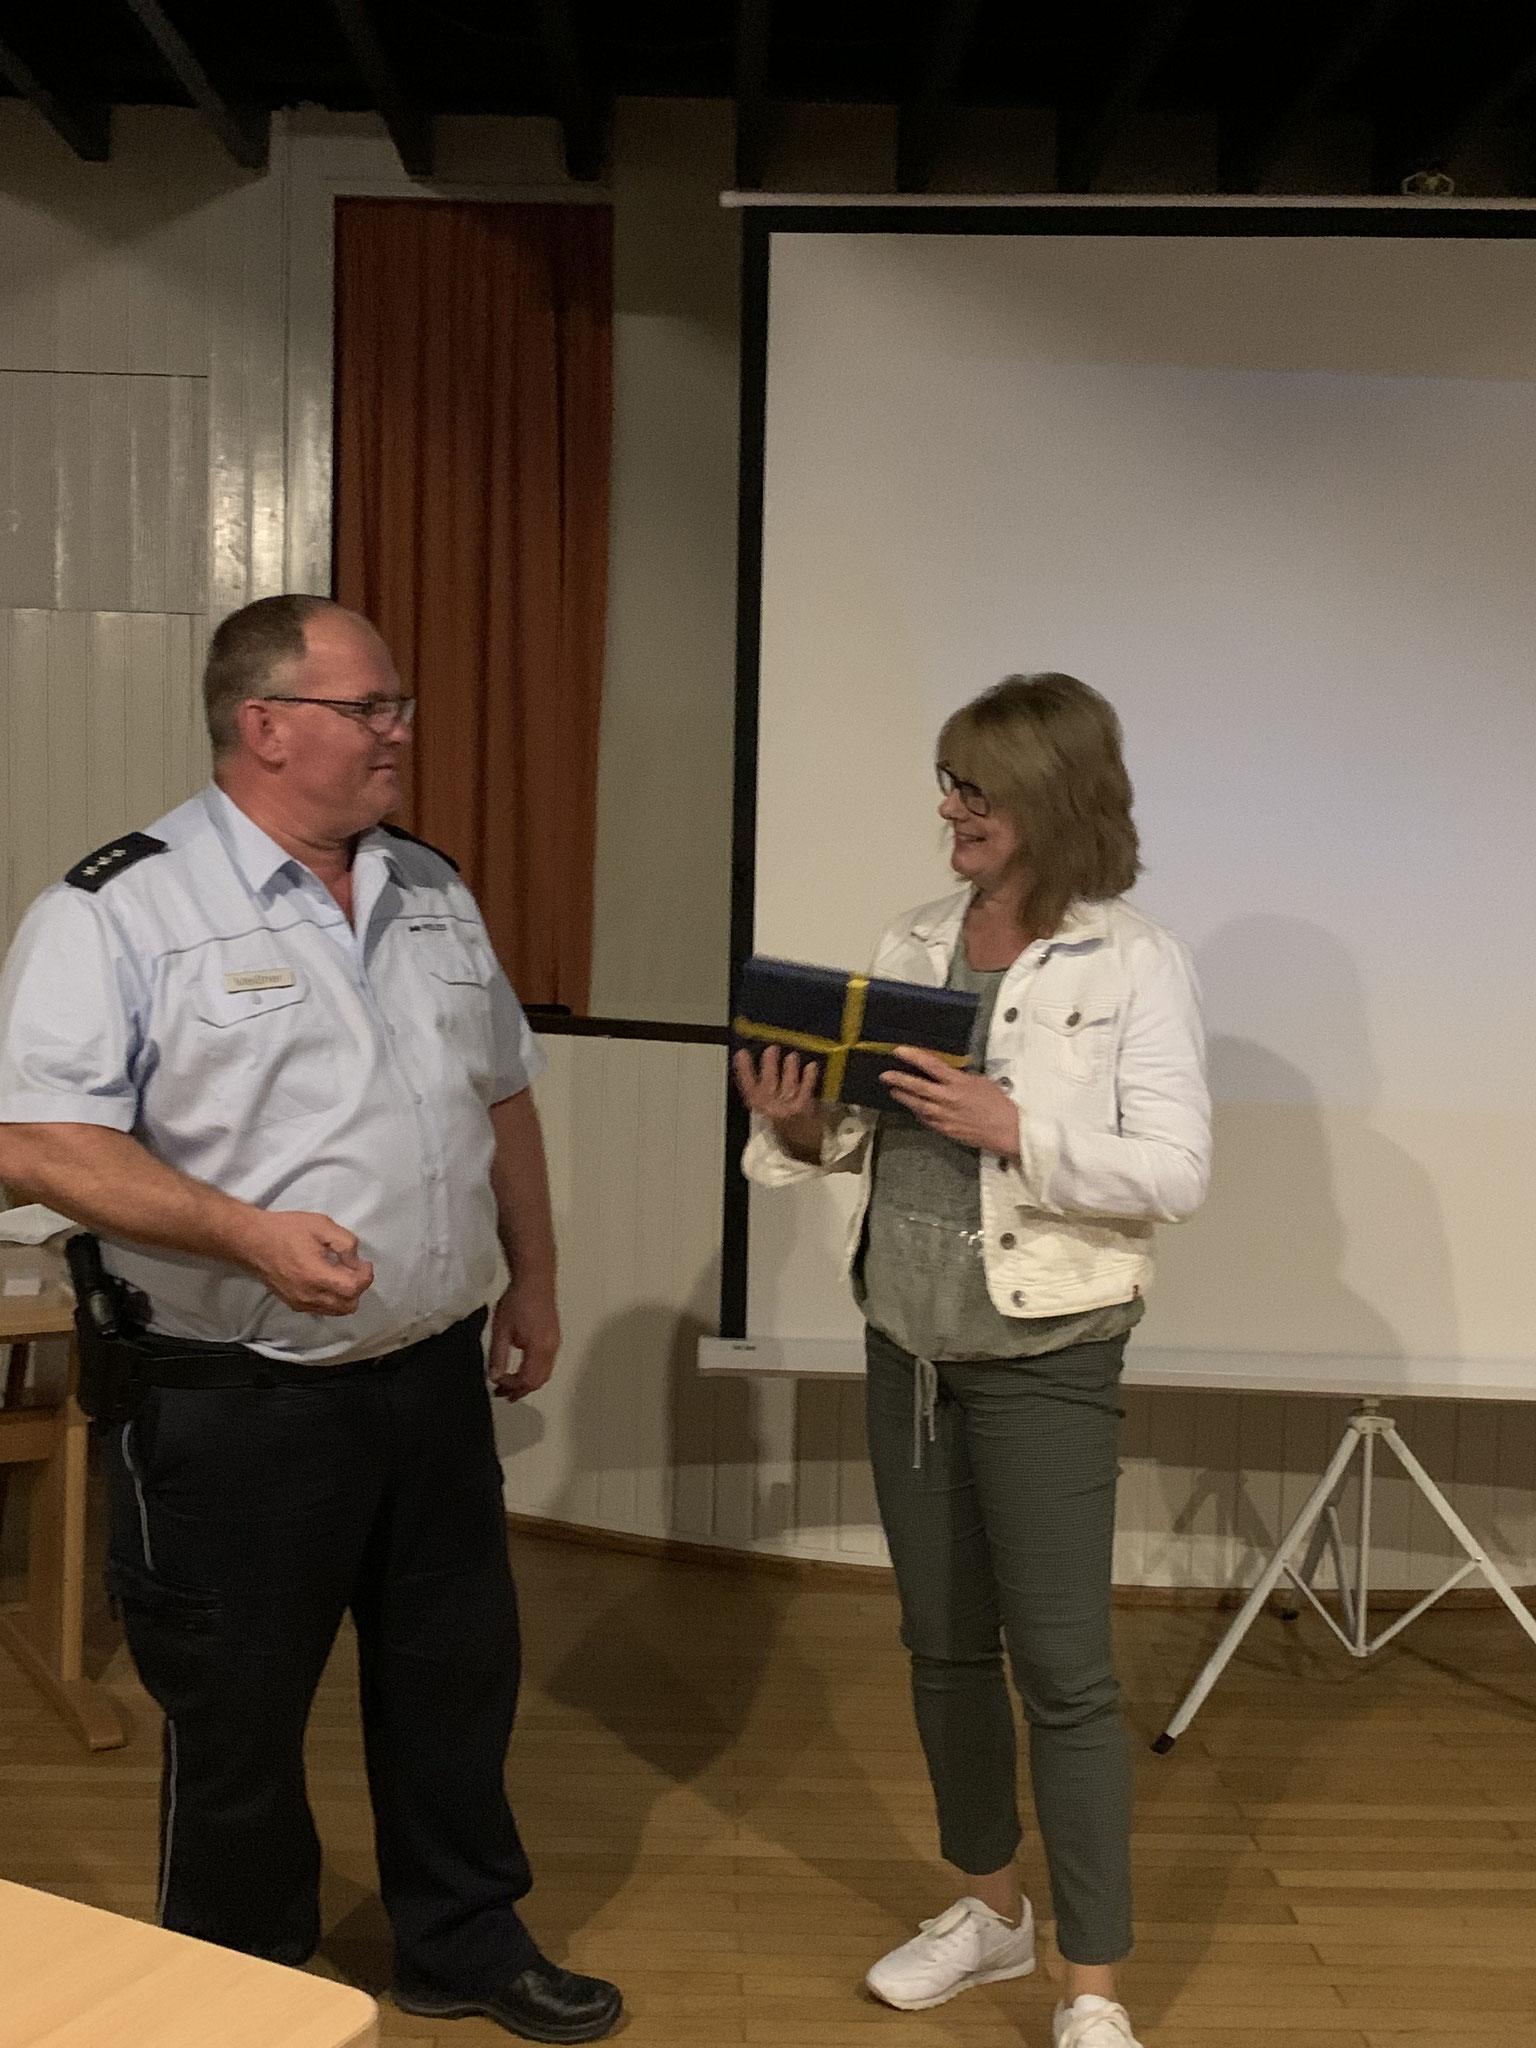 10-2020 Zivilcourage, Referent Hauptkommissar Meißner